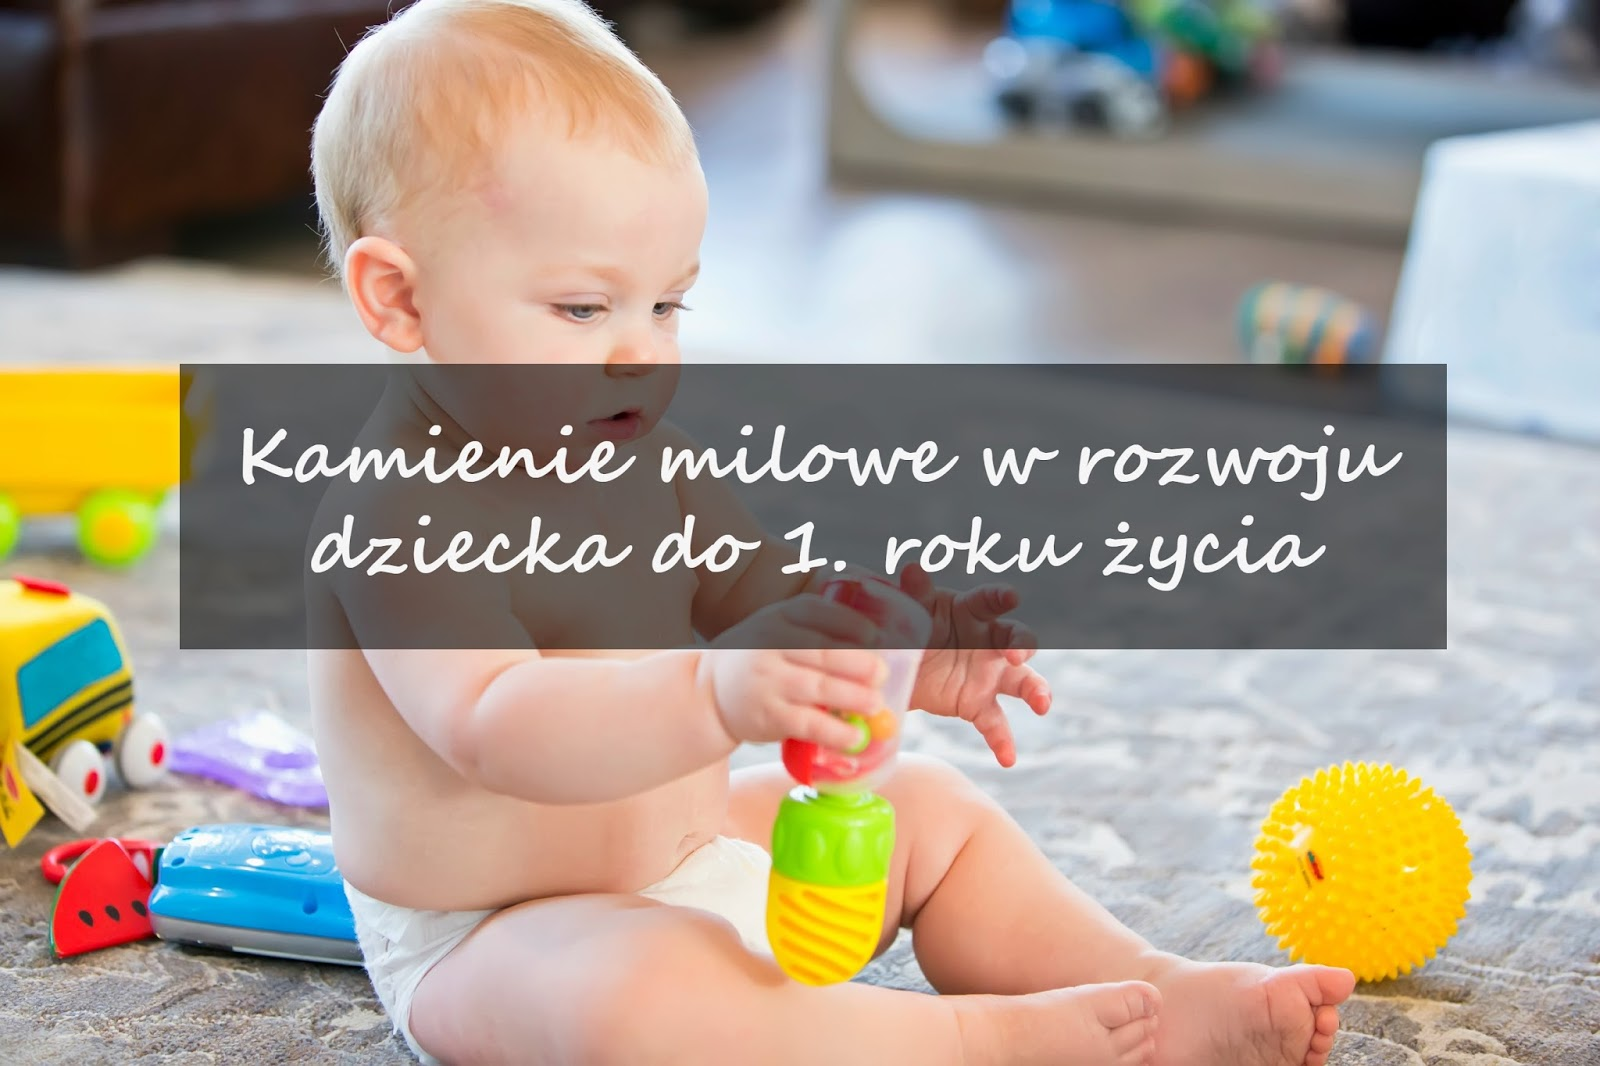 Kamienie milowe w rozwoju dziecka